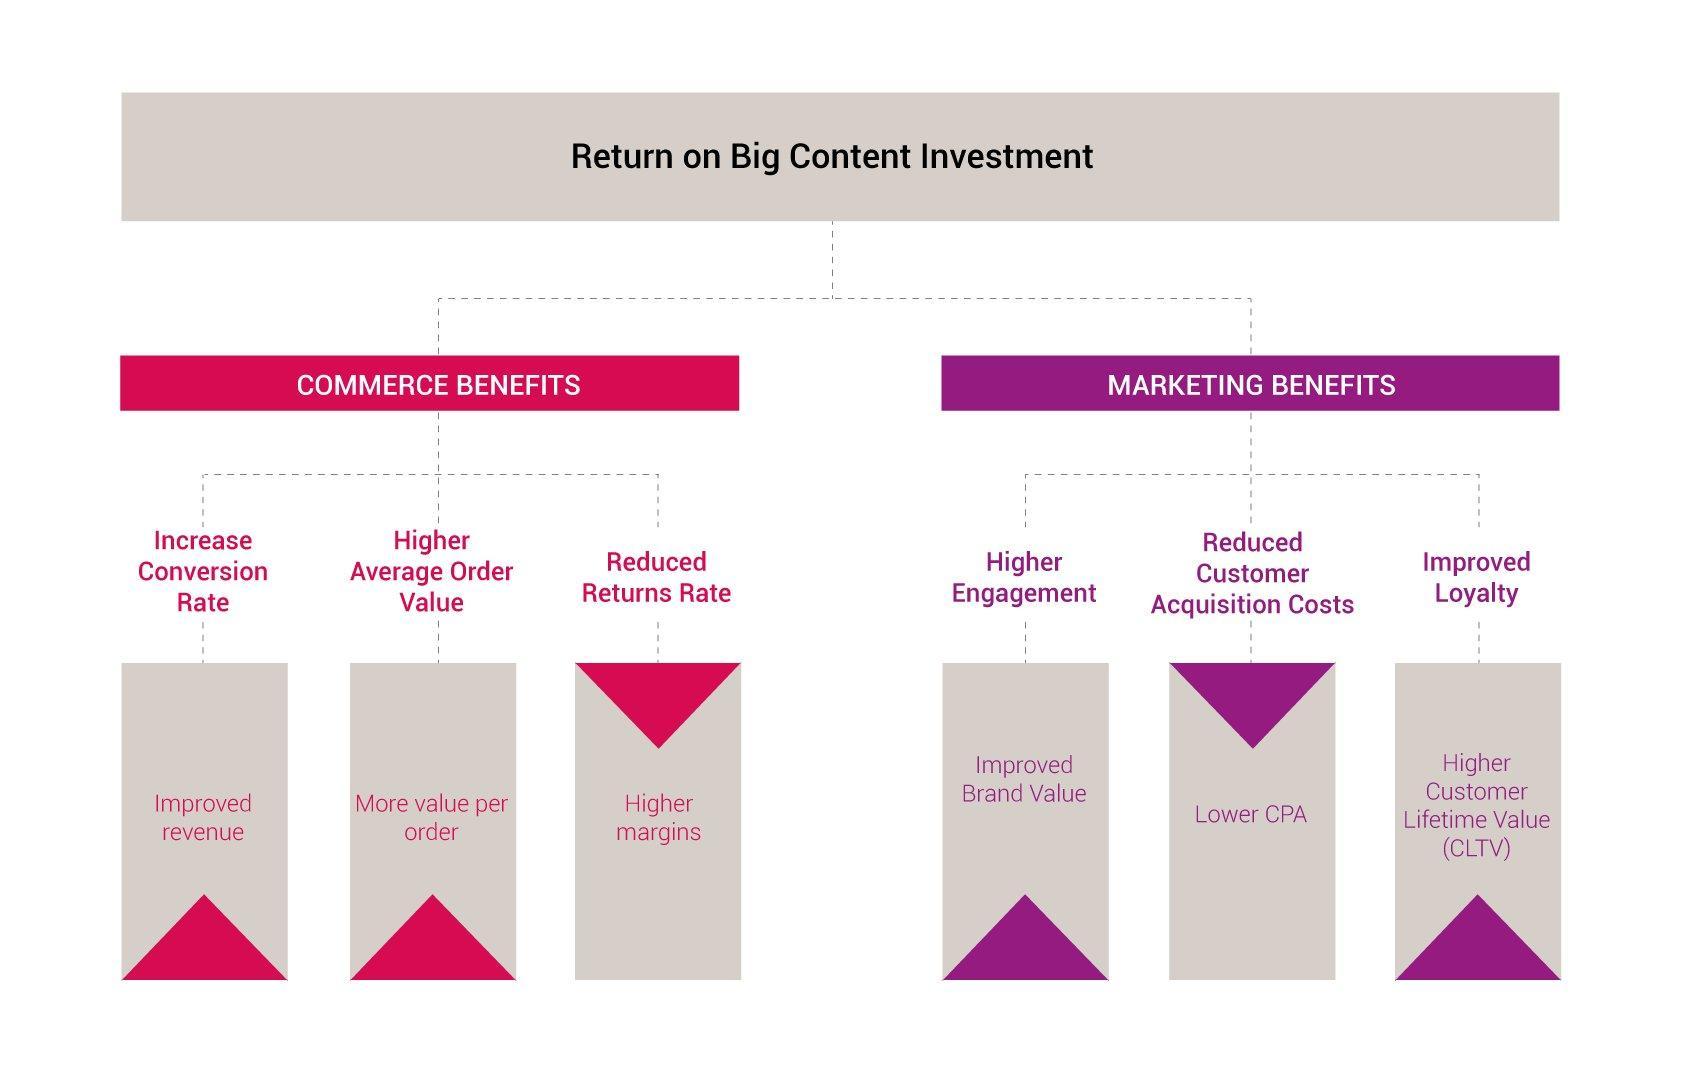 fig-roi-content-investment-return_1